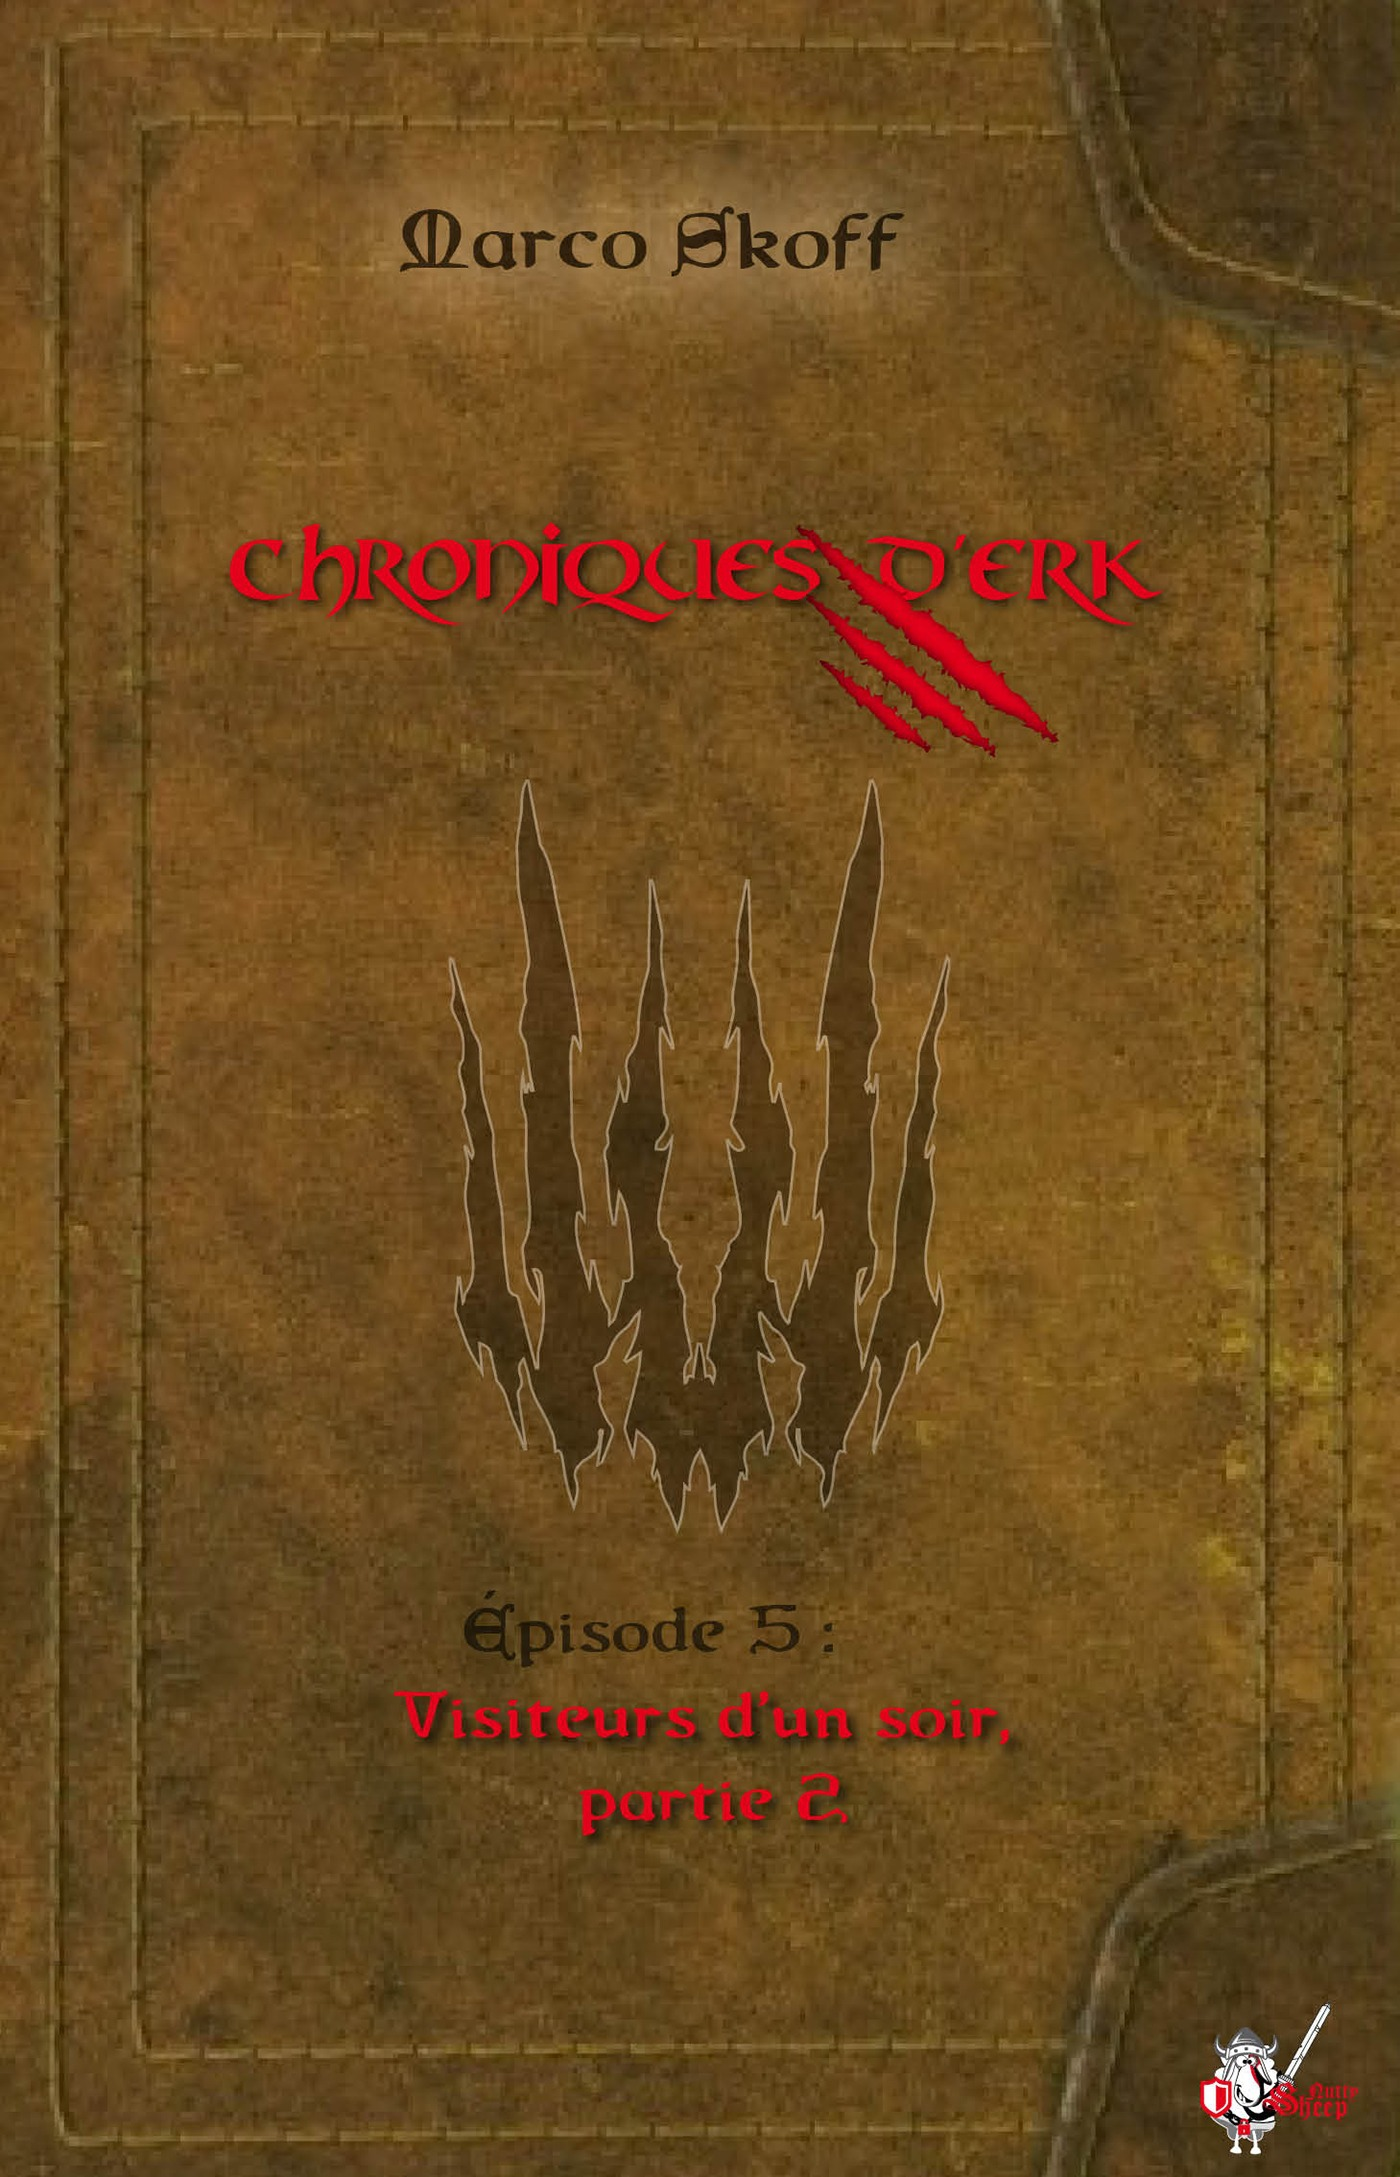 Chroniques d'Erk, Épisode 5